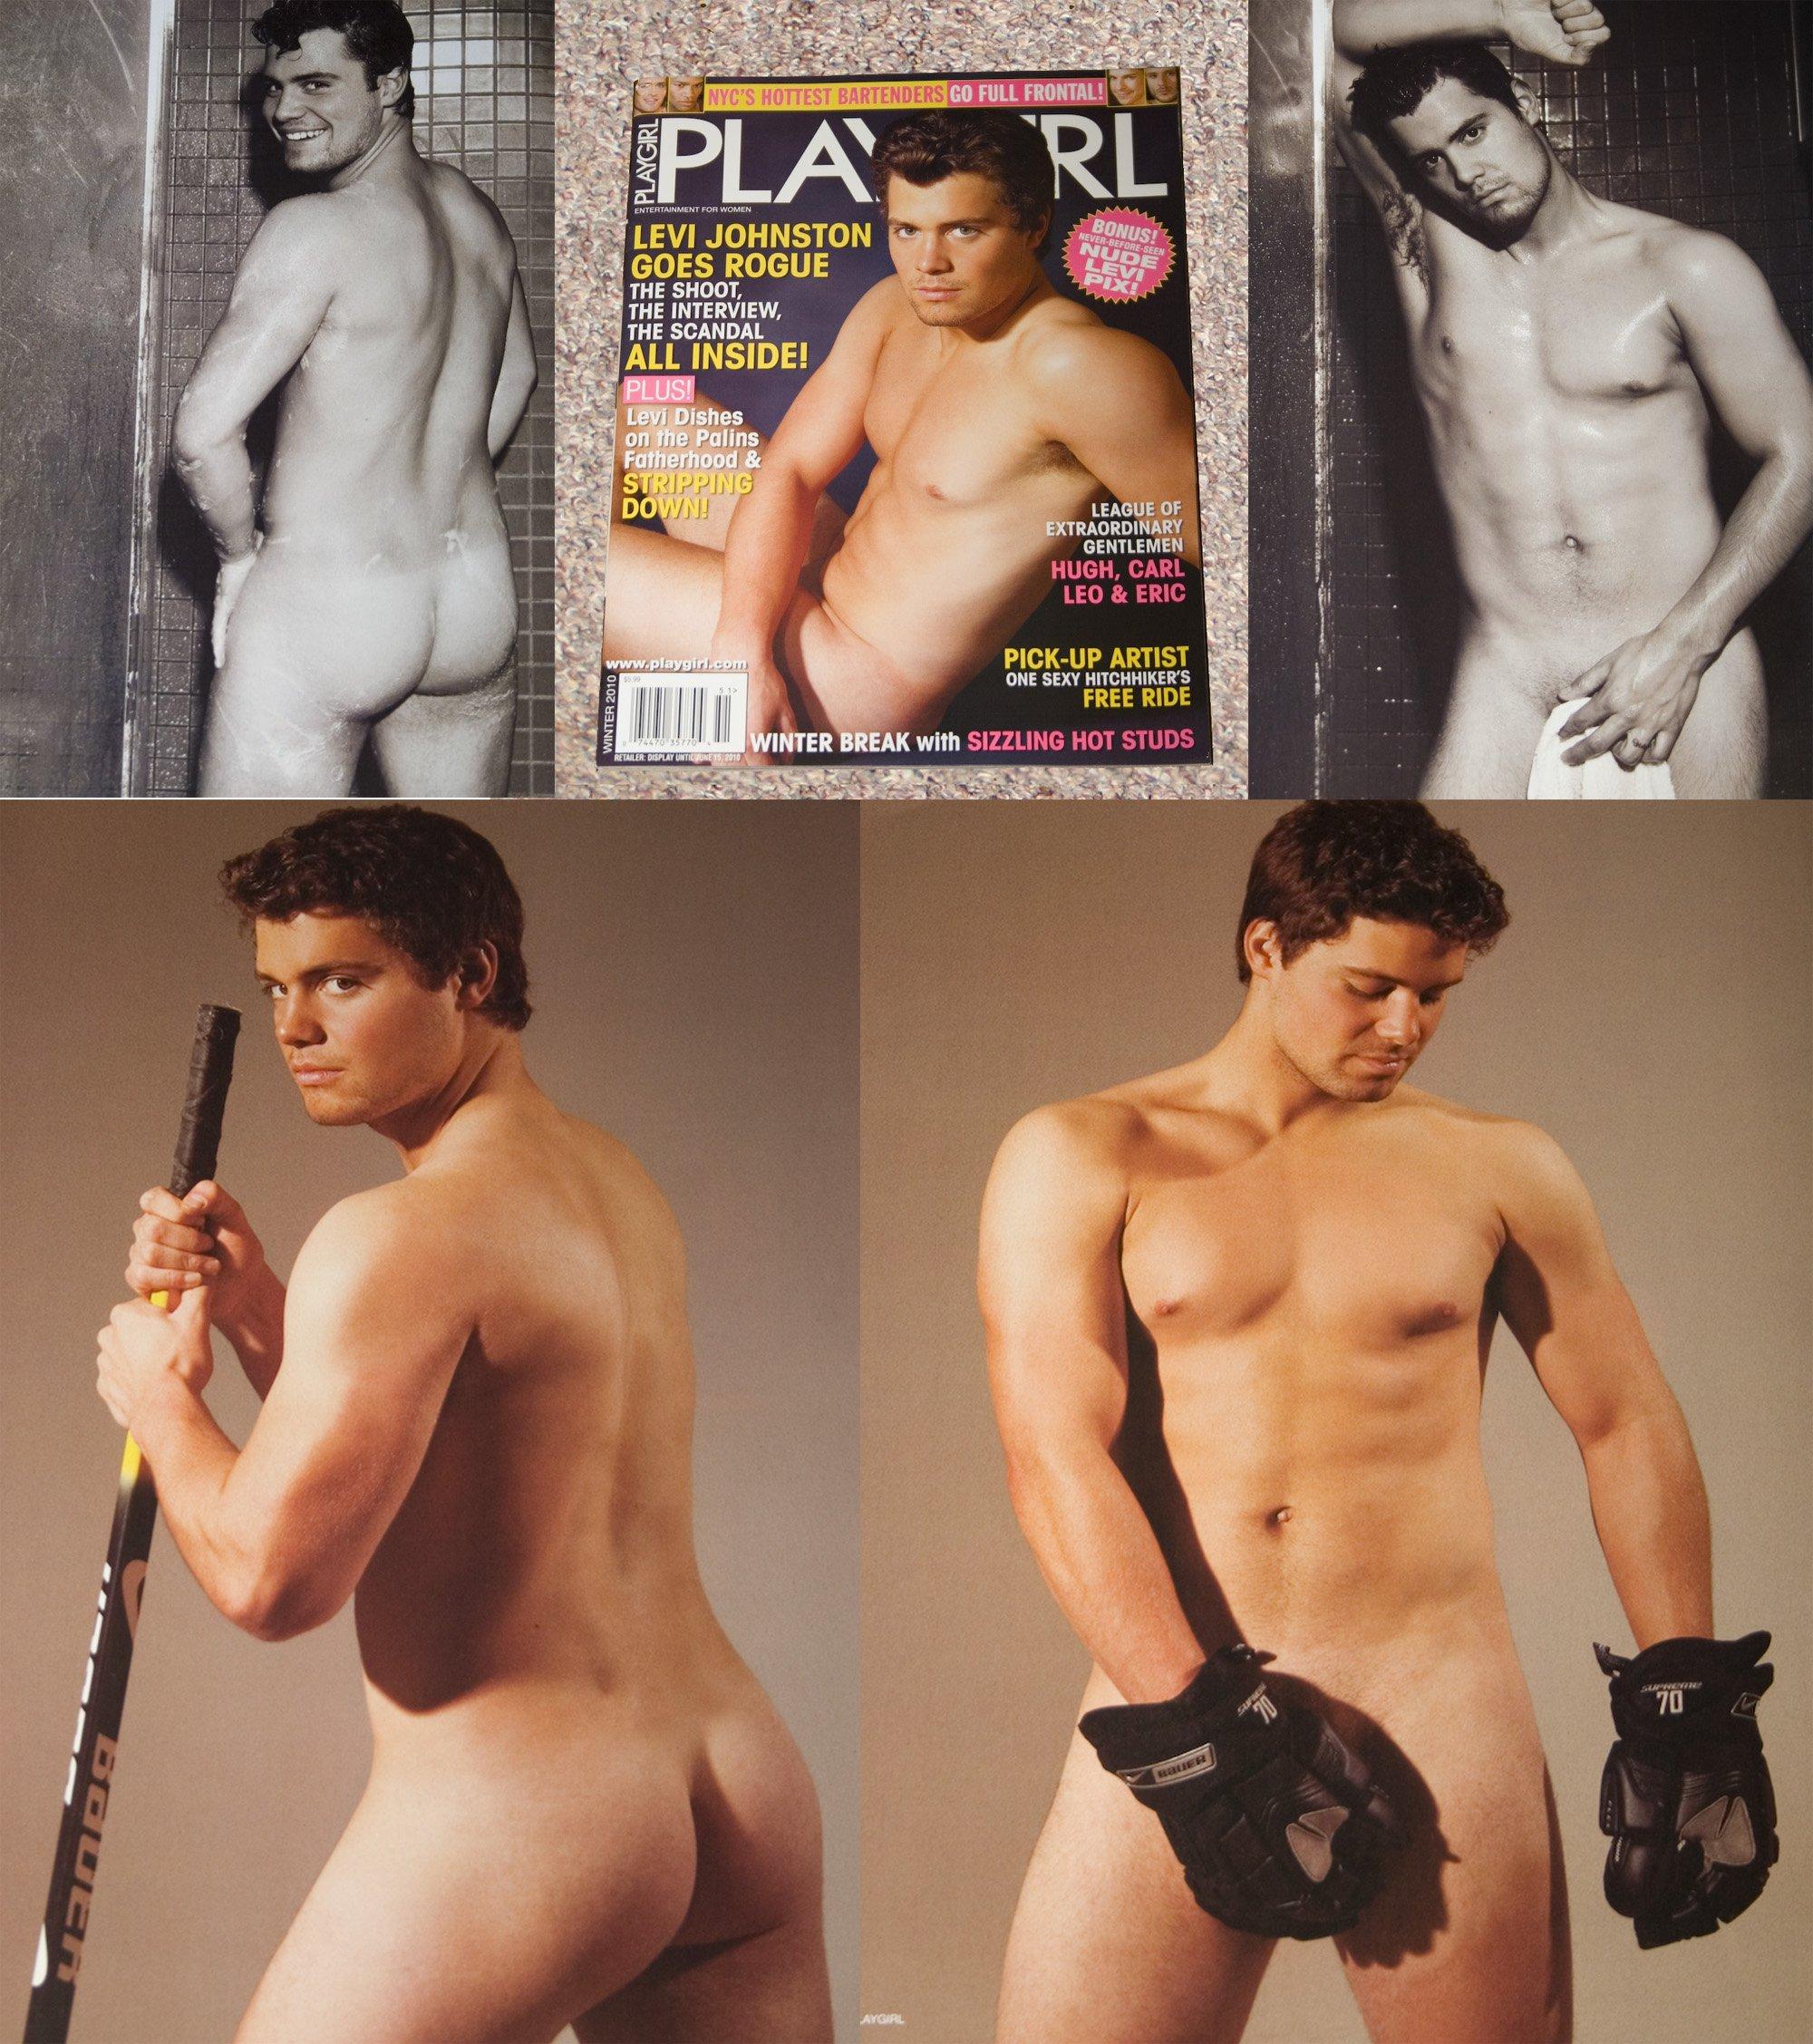 johnston Playgirl naked levi